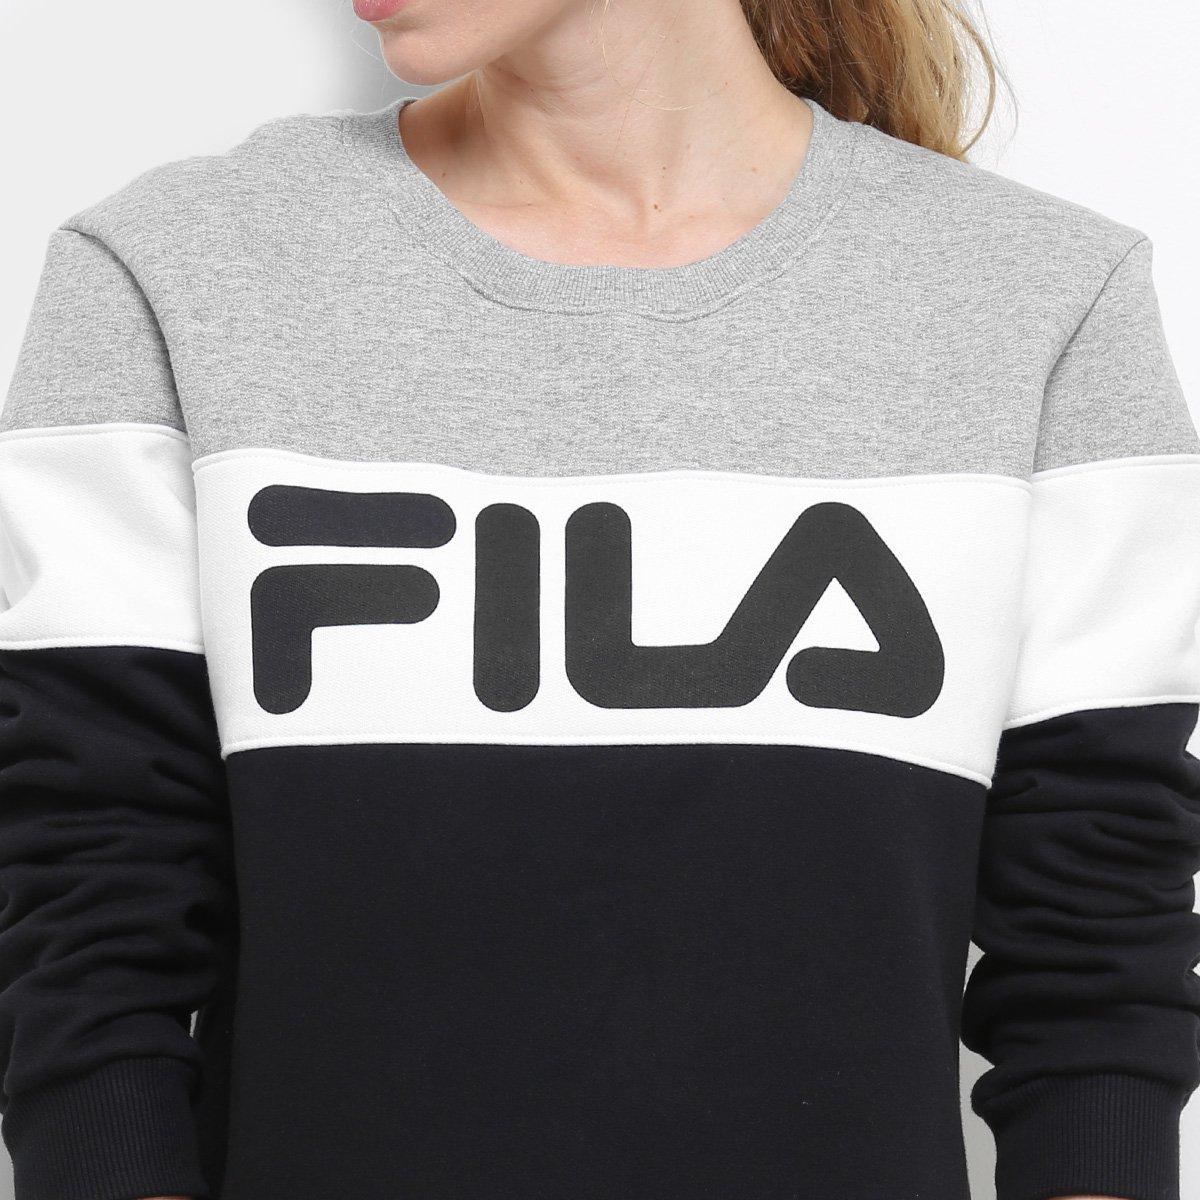 b1d32f90a9caa Moletom Fila Soft Pop Feminino - Compre Agora   Netshoes